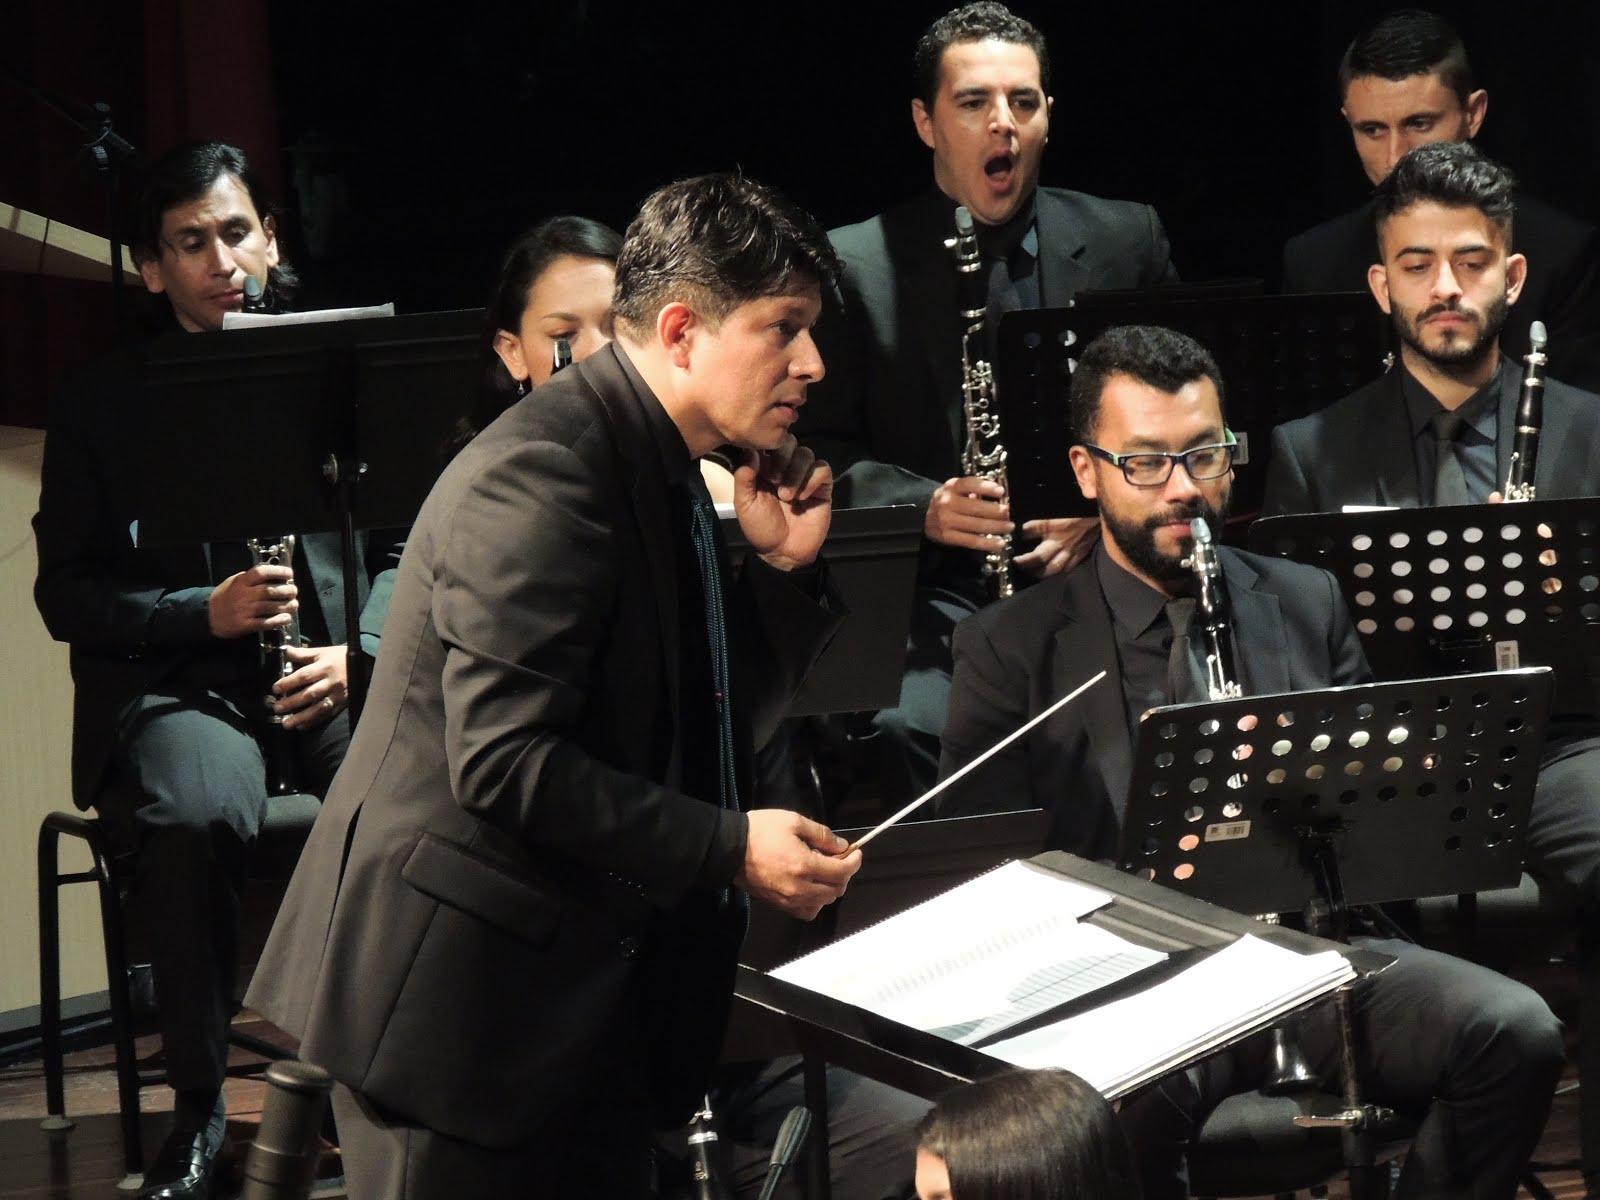 CULTURA / Pereirano, invitado como solista a concierto del mes de la Banda Sinfónica